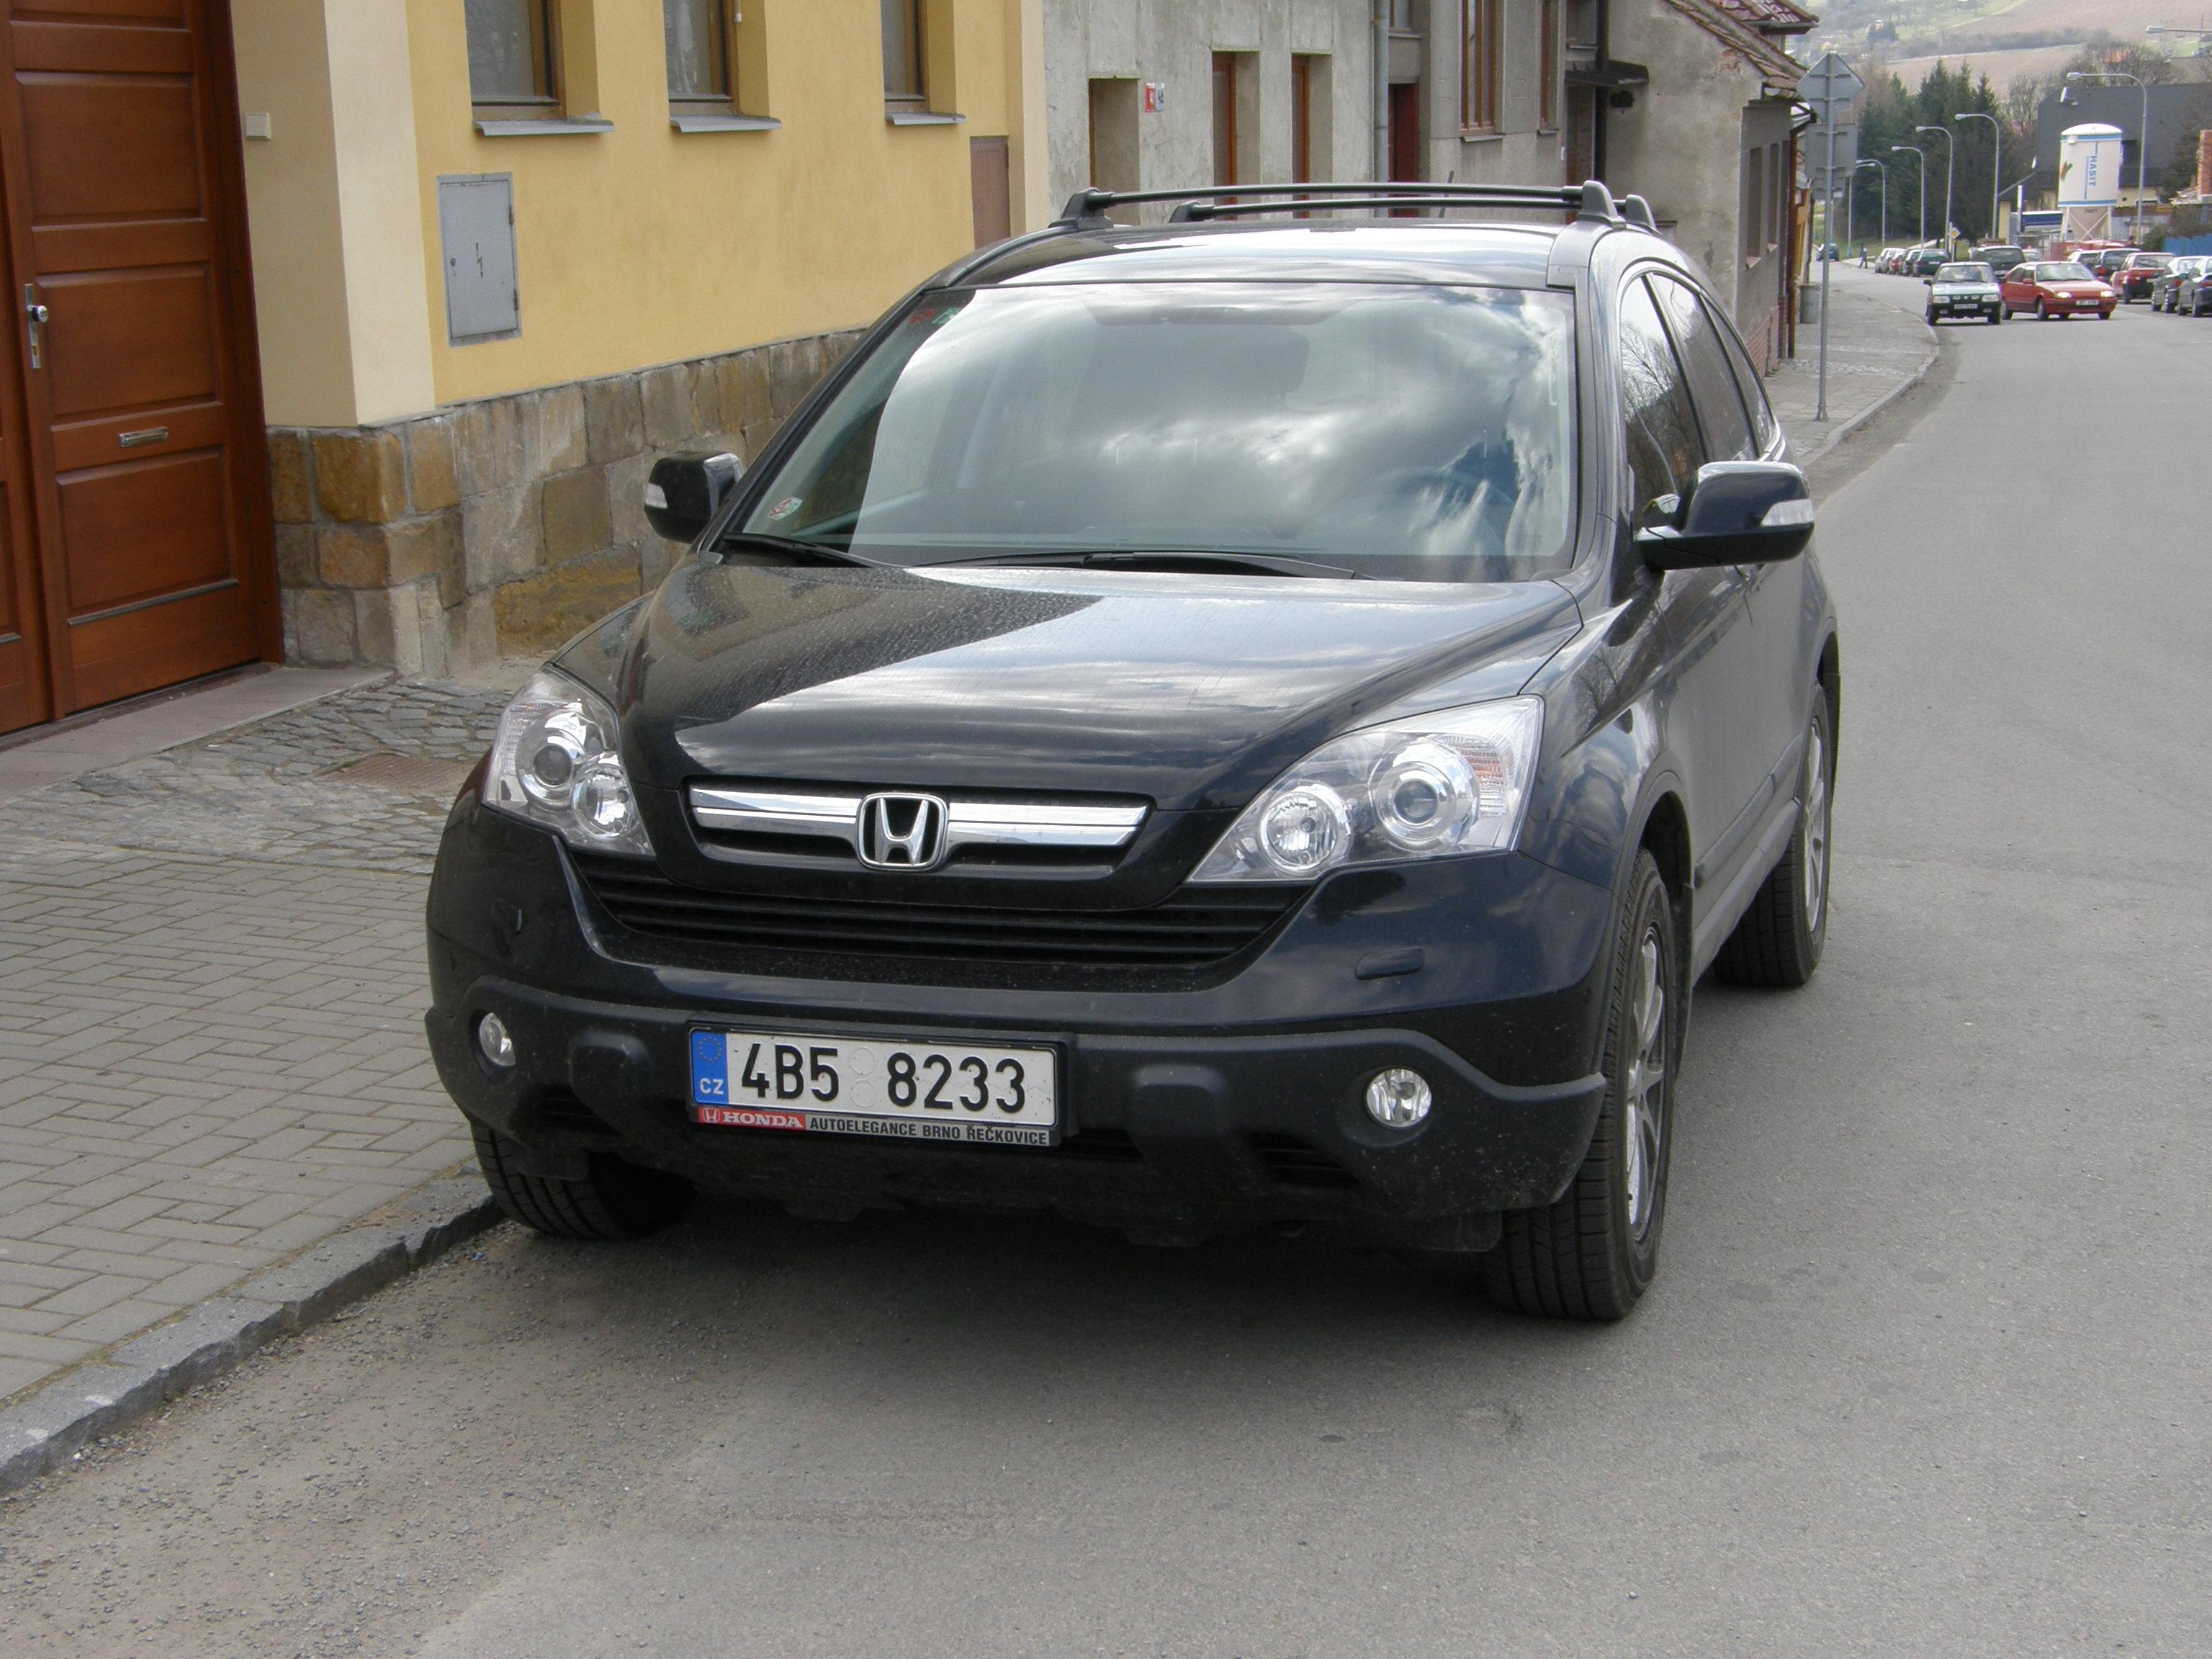 Хонда срв черная фото